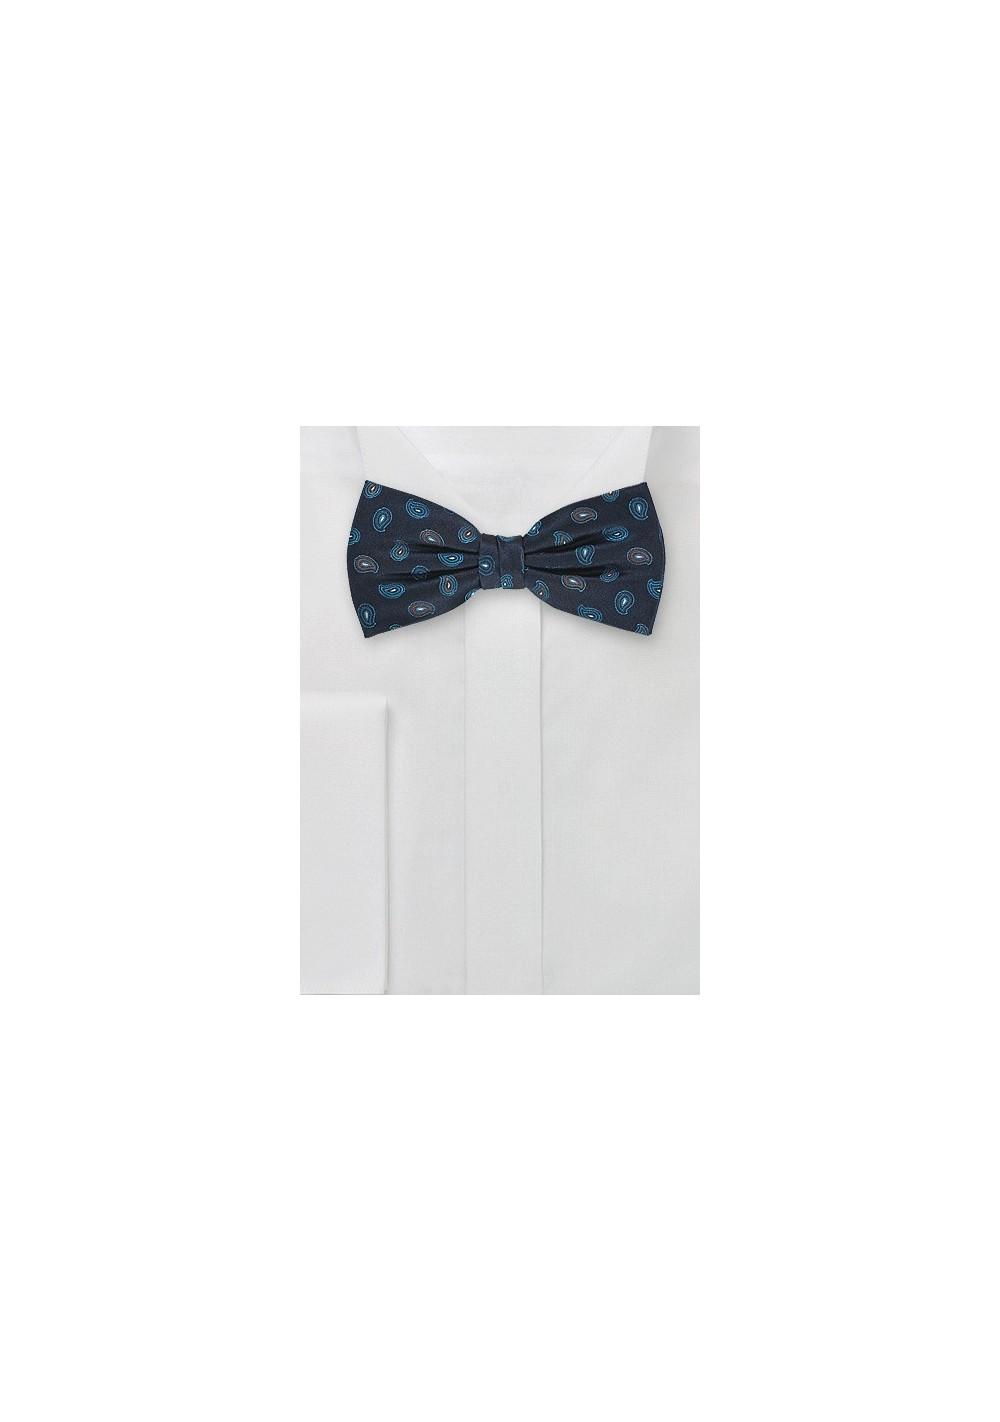 Teardrop Patterned Silk Bow Tie